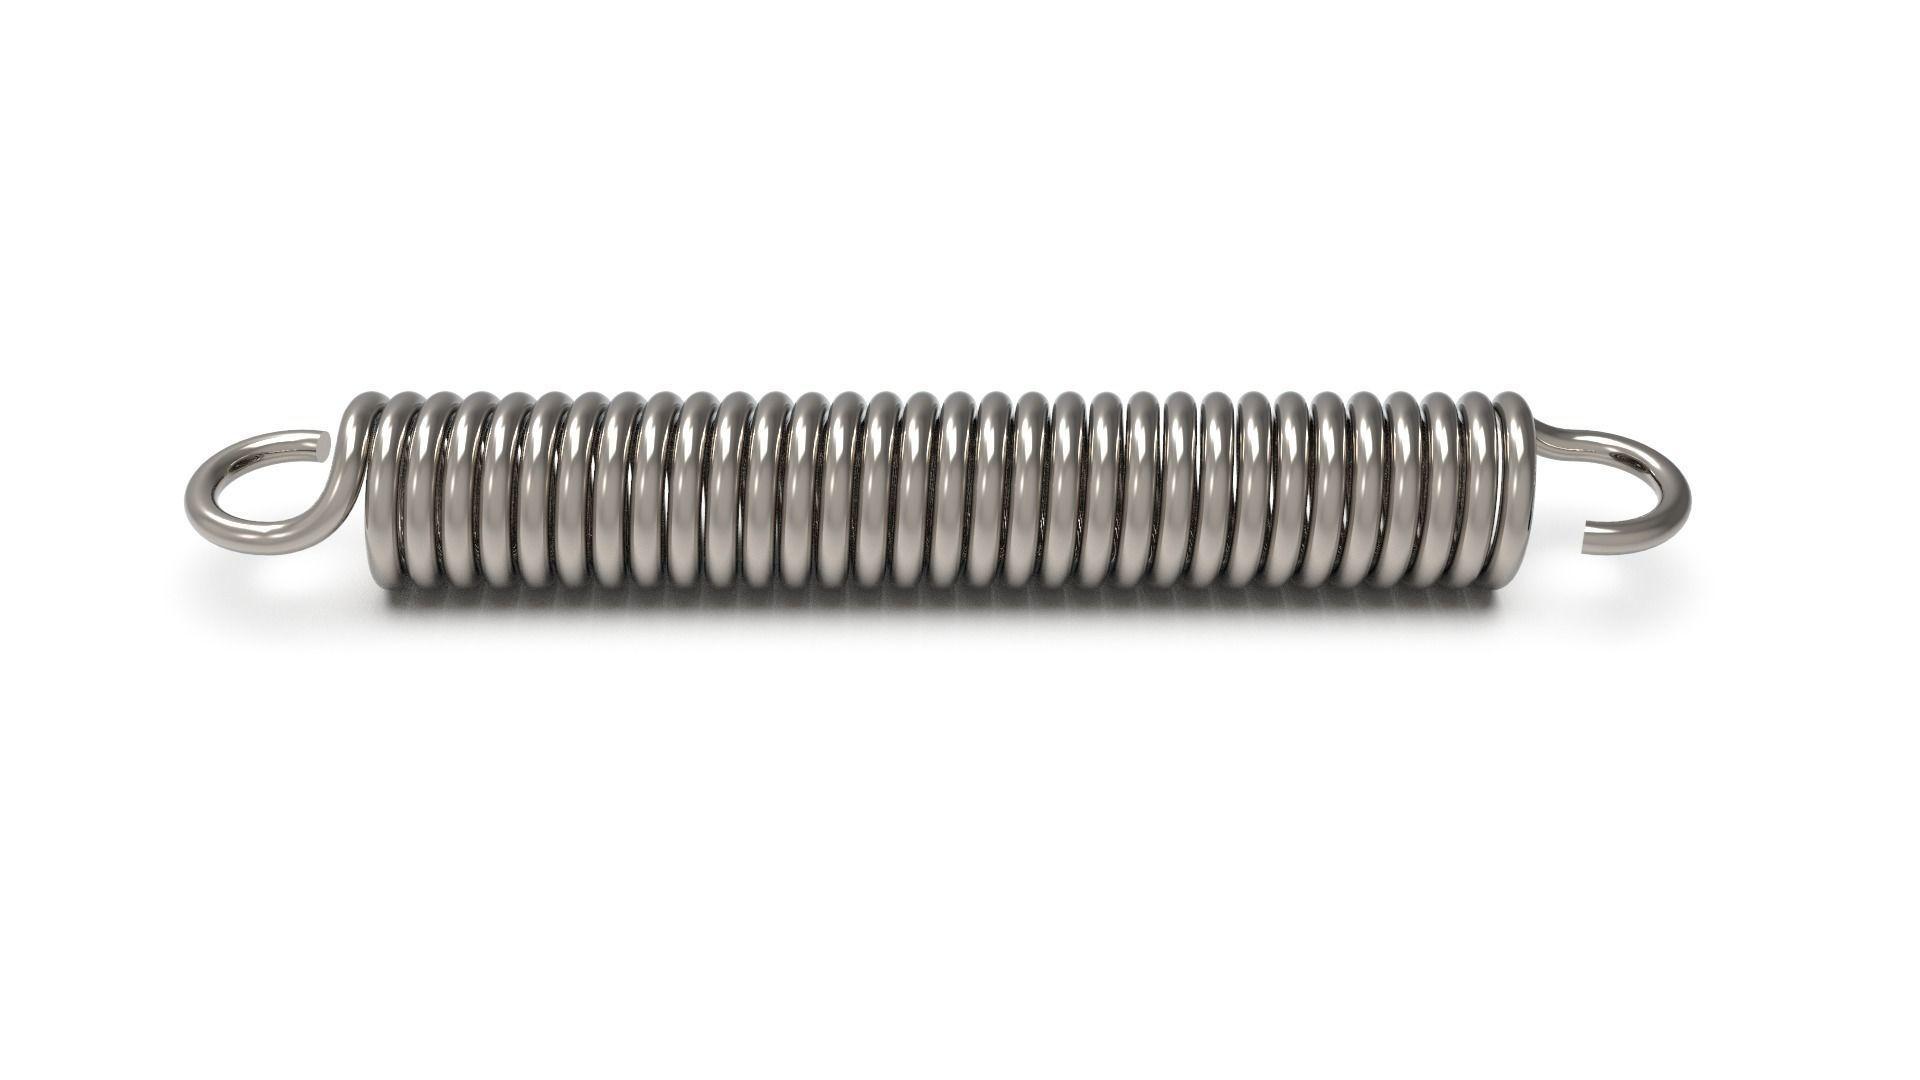 Torsion spring with hooks 3rd Method